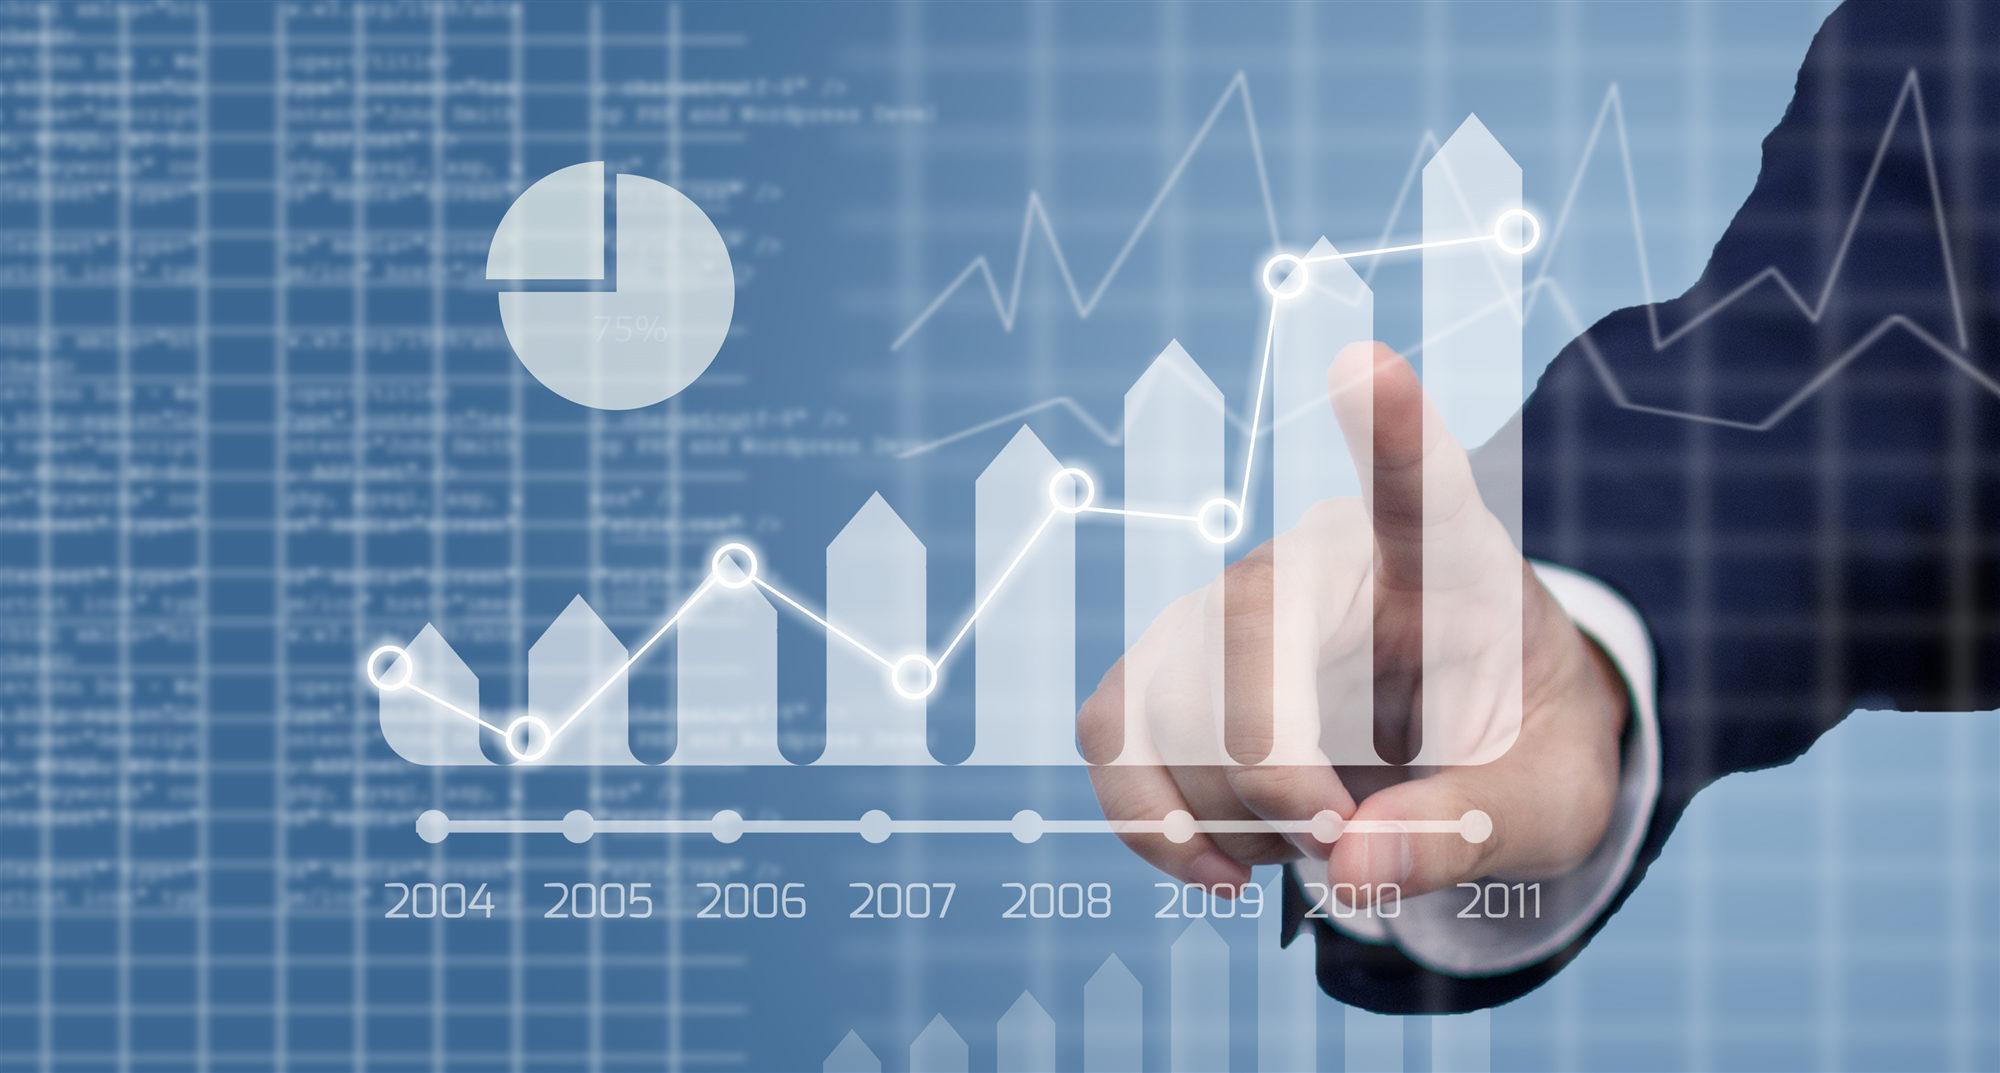 数据分析师的日常工作是什么?